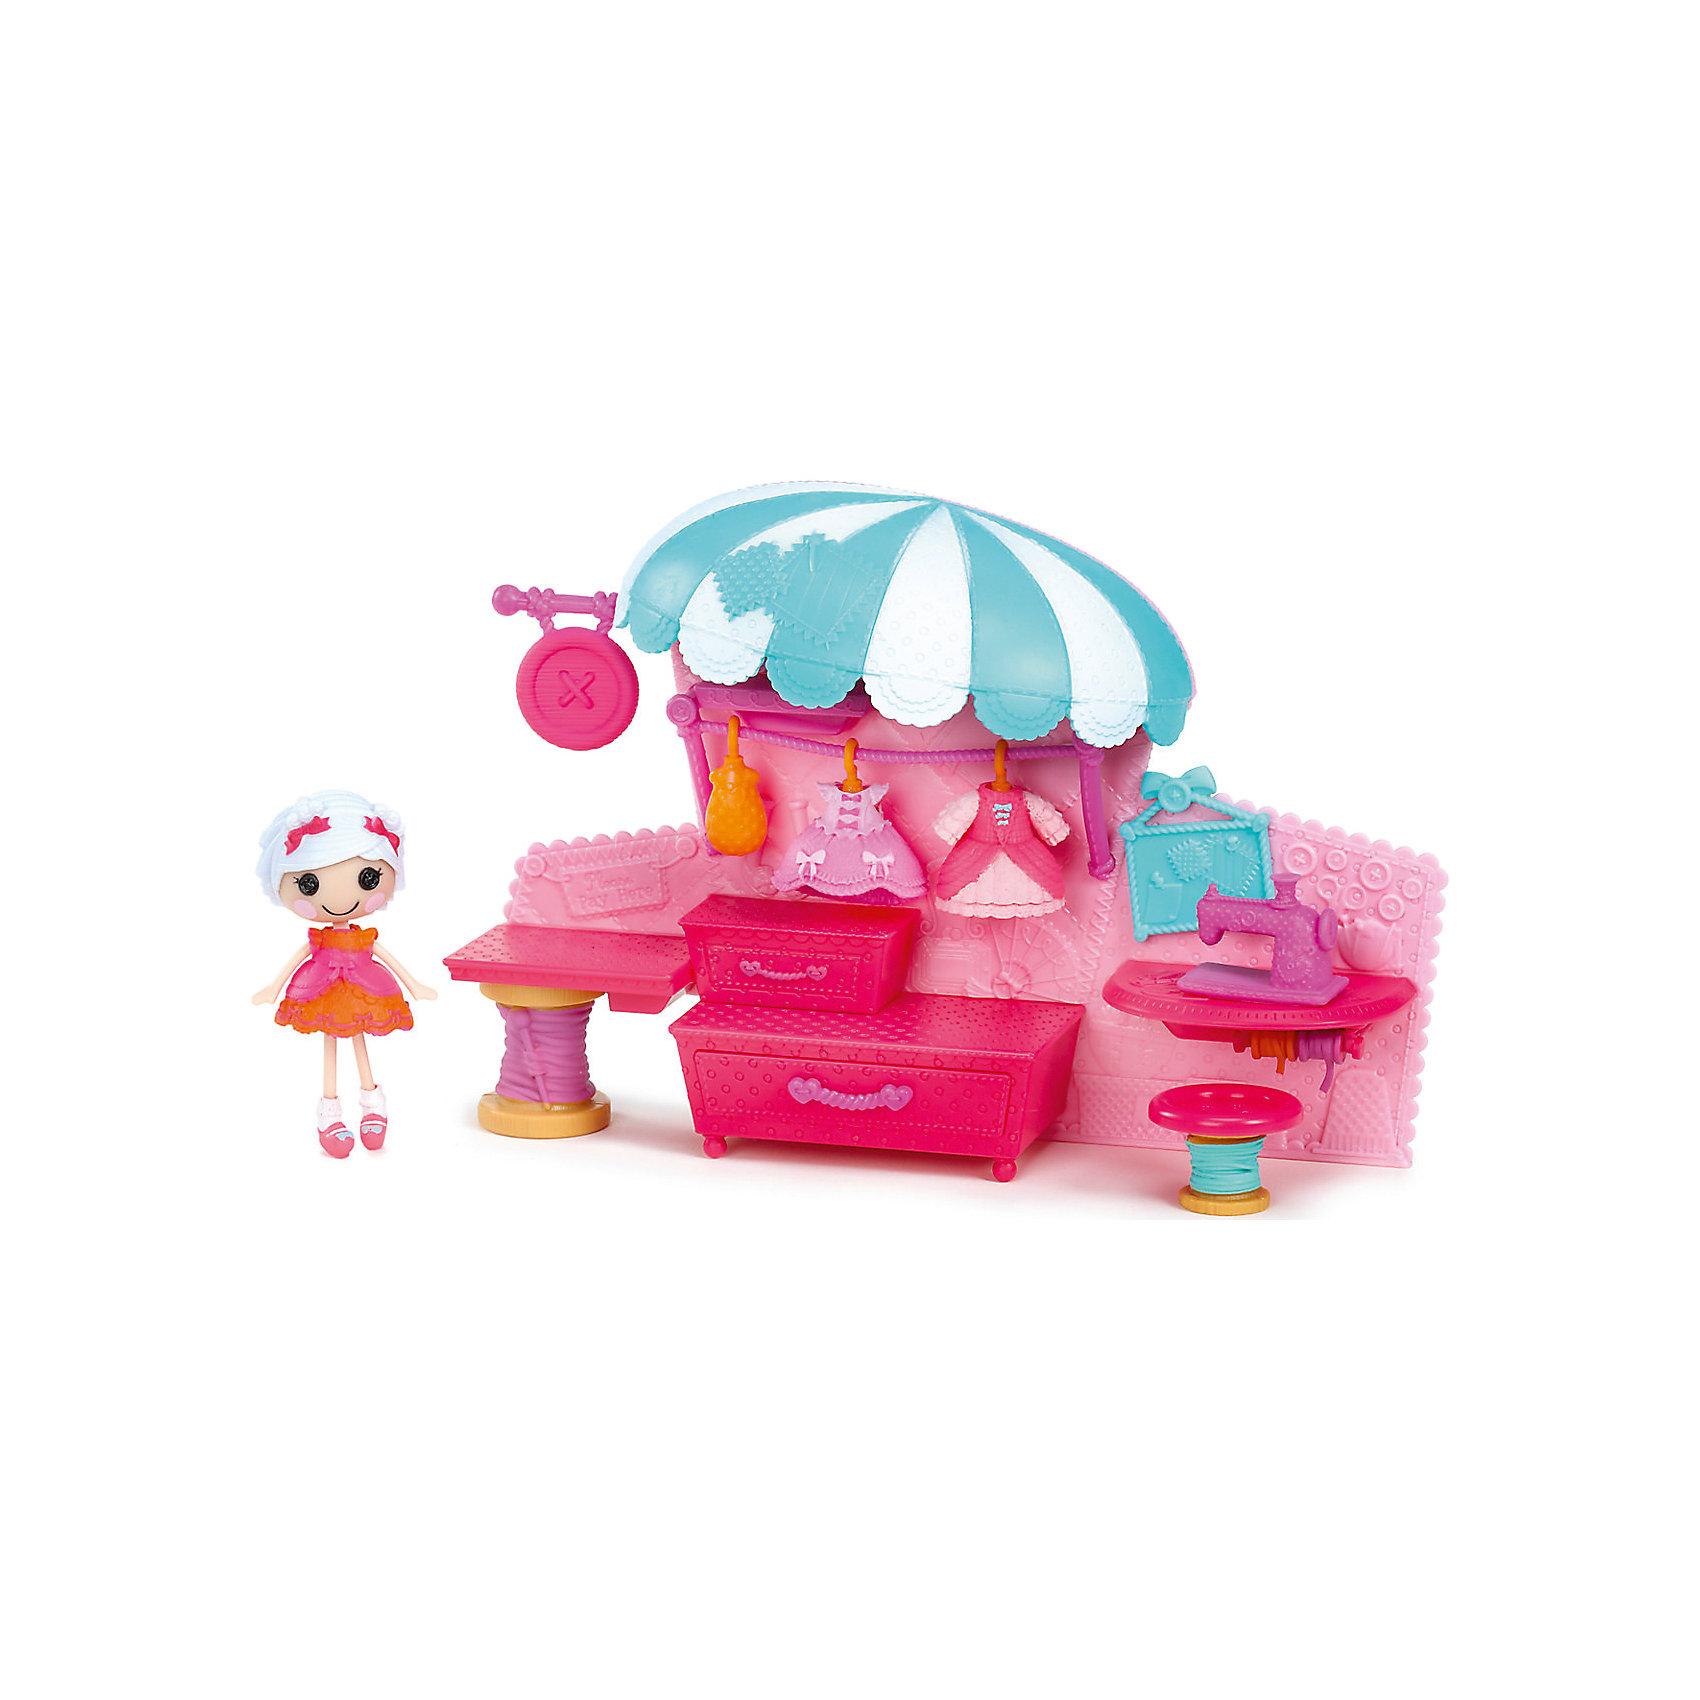 Набор Ателье с интерьером, ЛалалупсиХарактеристики товара:<br><br>- цвет: разноцветный;<br>- материал: пластик;<br>- подвижные части тела;<br>- комплектация: кукла, аксессуары, декорации;<br>- размер упаковки: 6x30x20 см.<br><br>Эти симпатичные куклы Мини-Лалалупси от известного бренда не оставят девочку равнодушной! Какая девочка сможет отказаться поиграть с куклами, которых можно переодевать и менять им прически благодаря набору аксессуаров?! В комплект входят наряды и декорации для игр с куклой. Игрушка очень качественно выполнена, поэтому она станет замечательным подарком ребенку. <br>Продается набор в красивой удобной упаковке. Изделие произведено из высококачественного материала, безопасного для детей.<br><br>Набор Ателье с интерьером, Лалалупси, можно купить в нашем интернет-магазине.<br><br>Ширина мм: 300<br>Глубина мм: 210<br>Высота мм: 70<br>Вес г: 500<br>Возраст от месяцев: 36<br>Возраст до месяцев: 2147483647<br>Пол: Женский<br>Возраст: Детский<br>SKU: 5094054